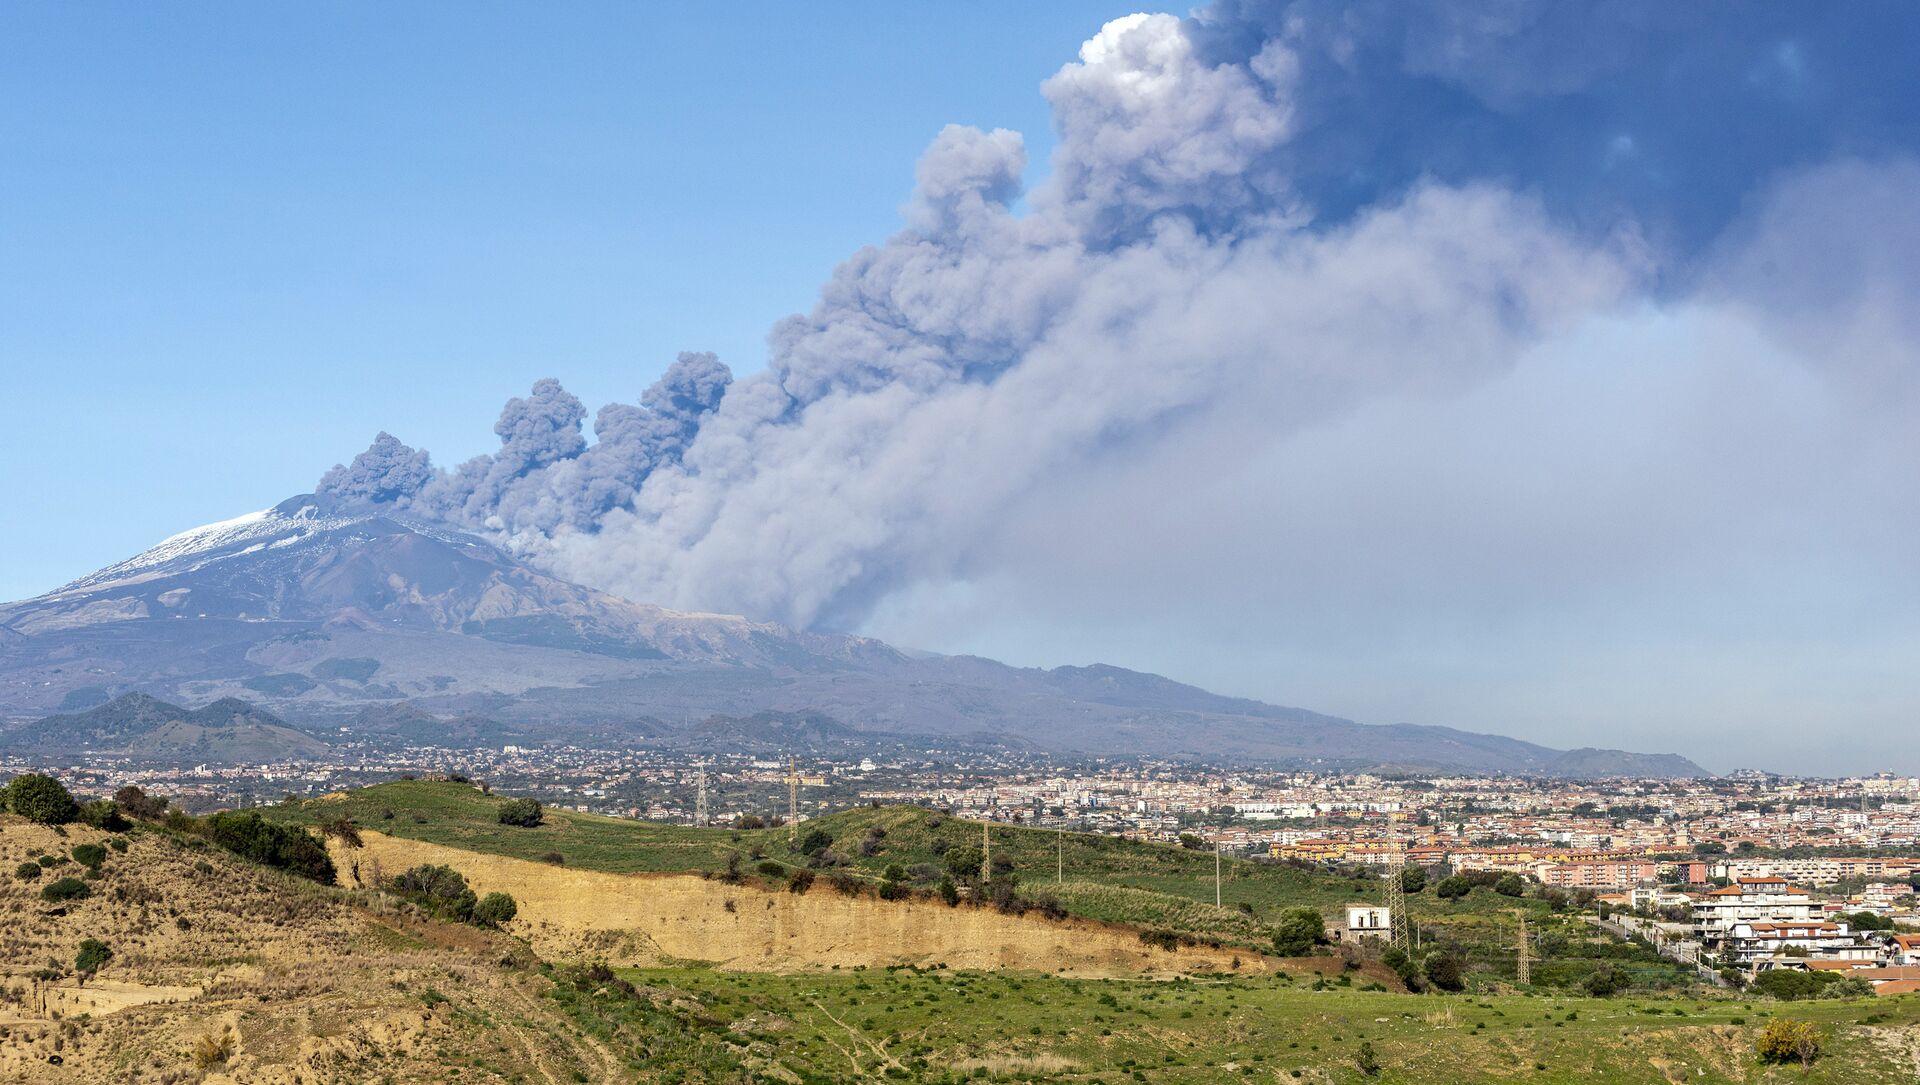 Καπνός βγαίνει από το ηφαίστειο της Αίτνας - Sputnik Ελλάδα, 1920, 21.02.2021